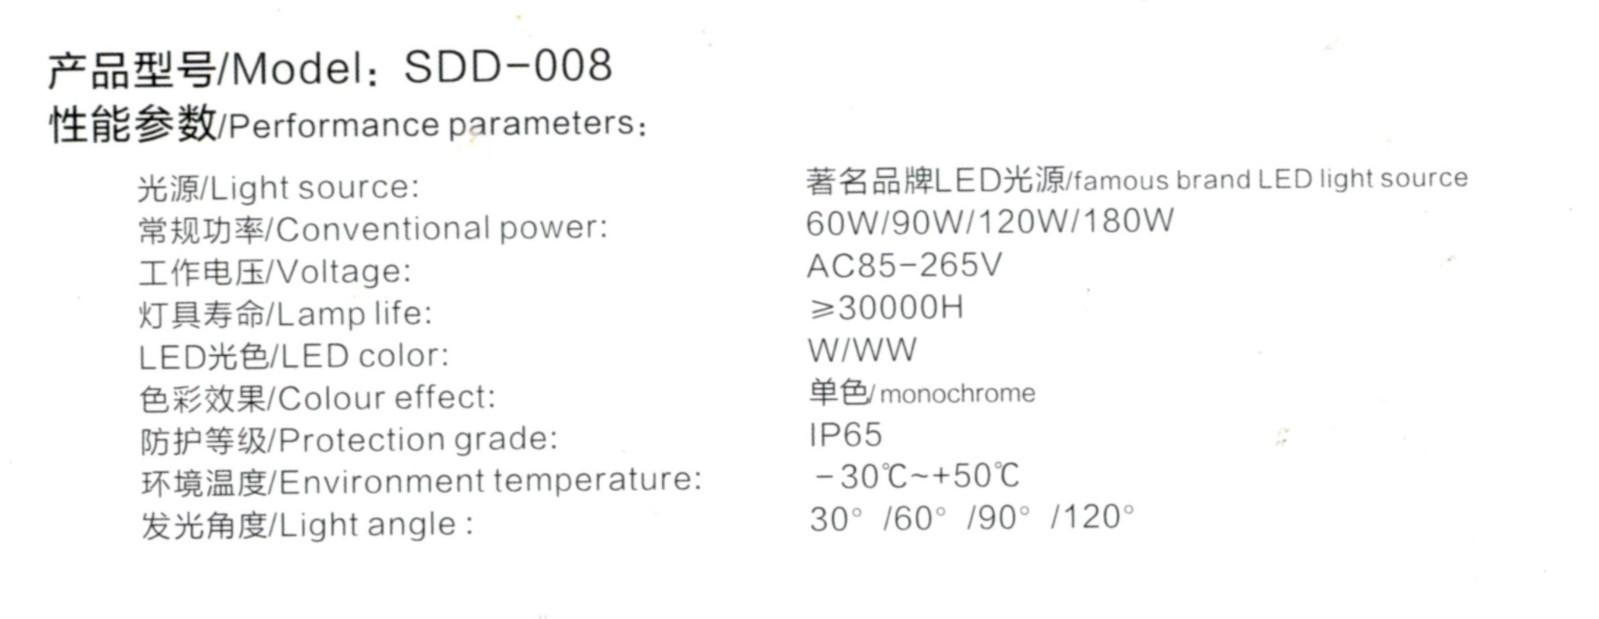 LED隧道灯Model∶SDD-008参数.jpg